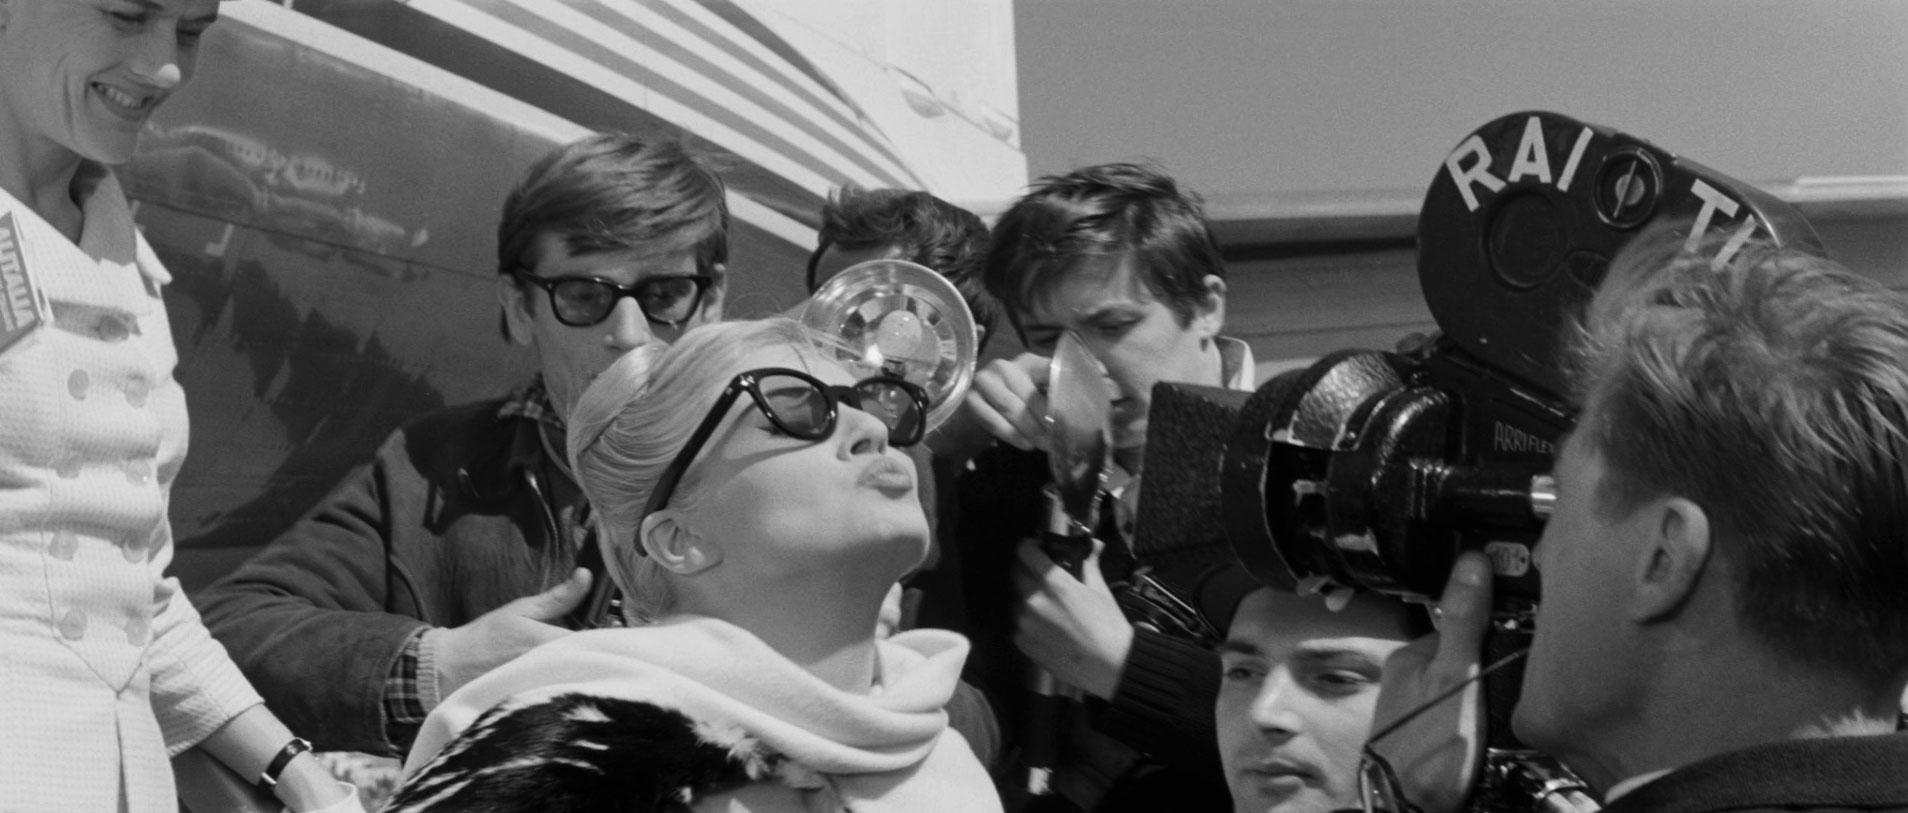 A comparison of the films nights of cabiria and la dolce vita